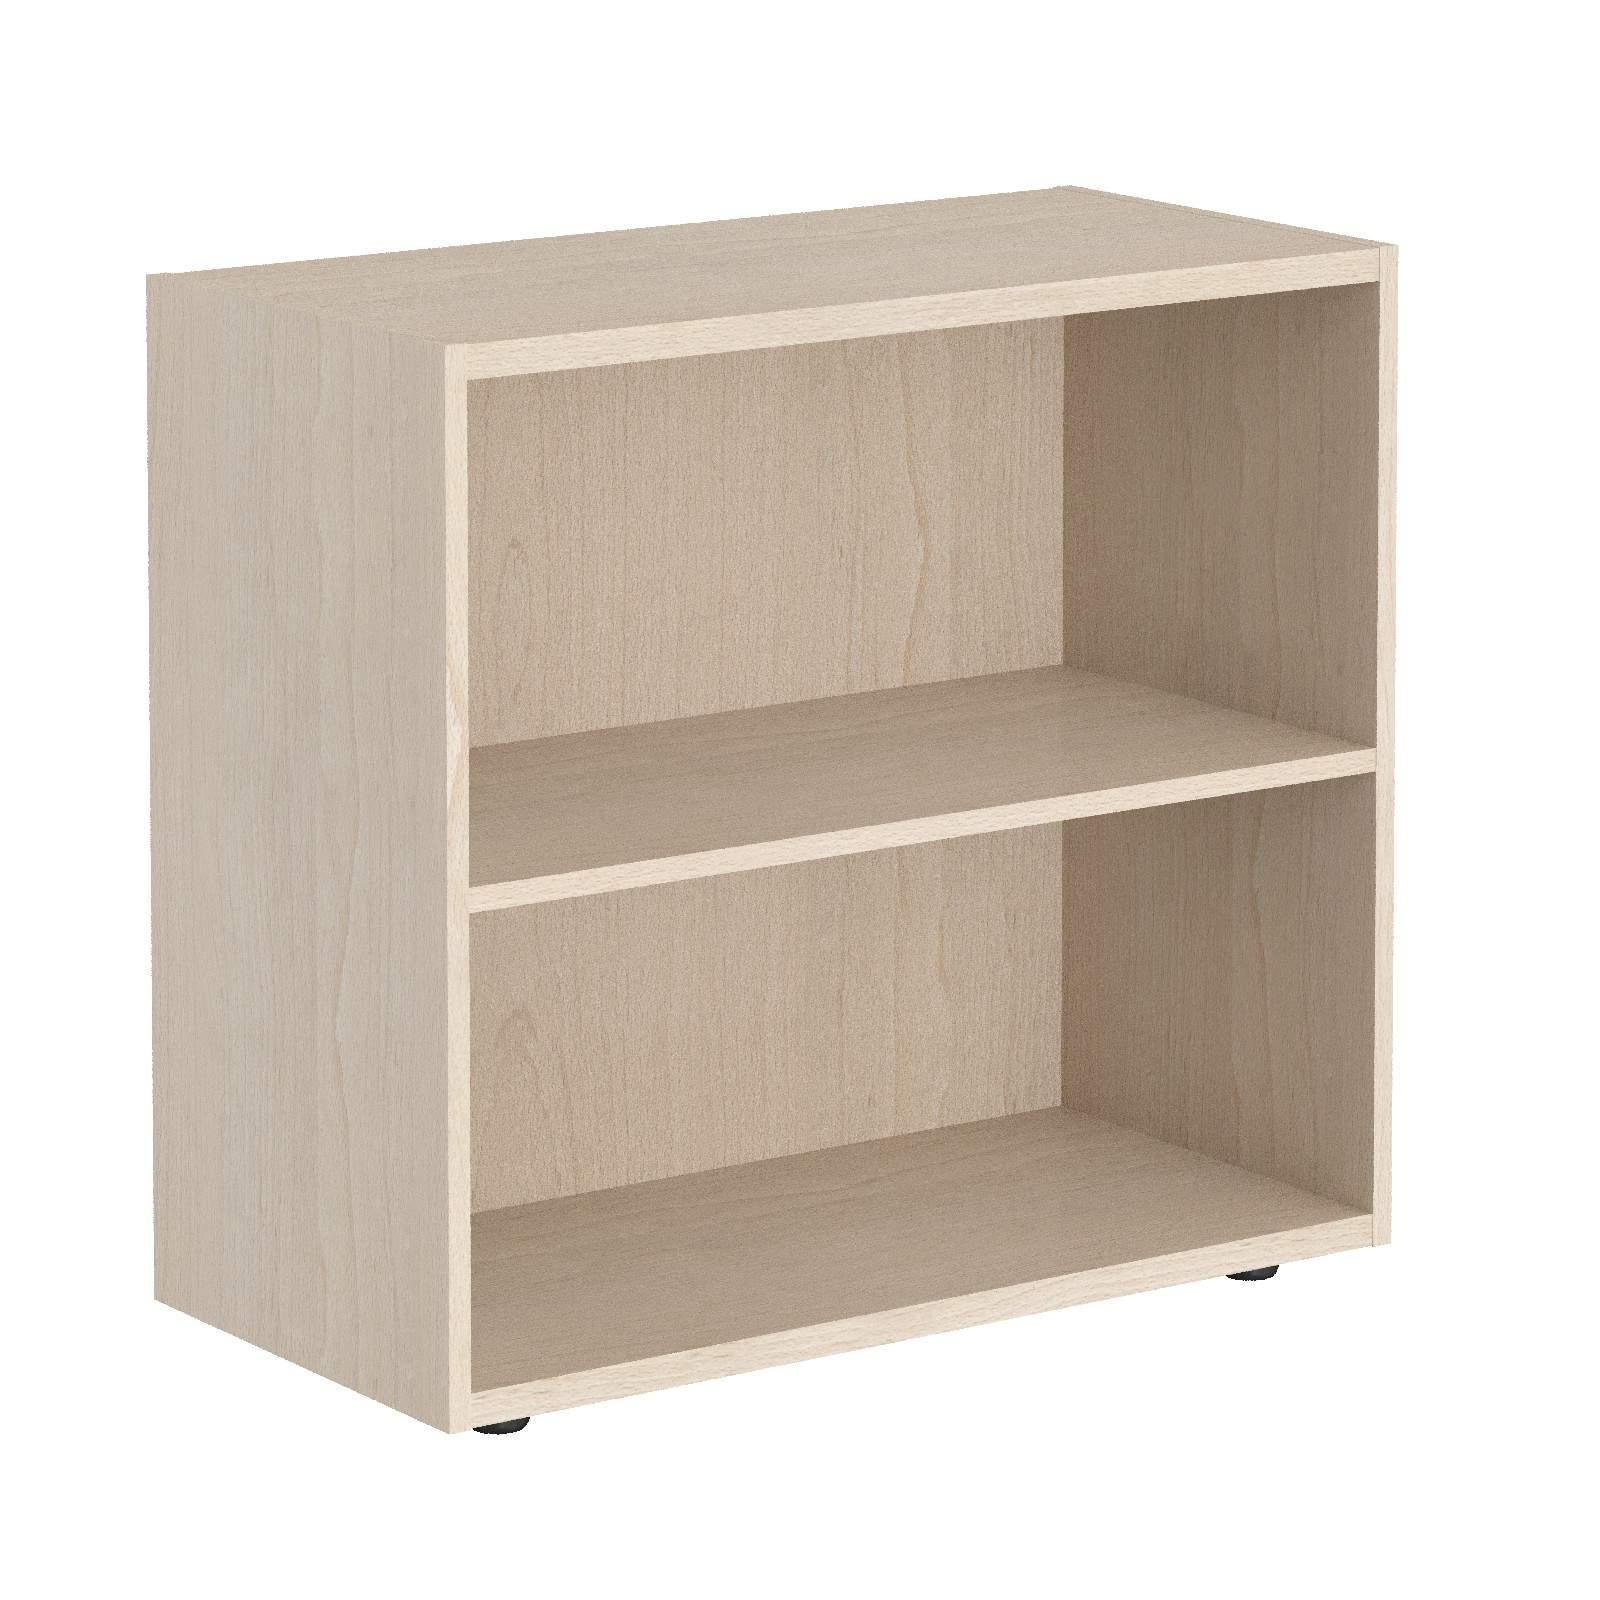 Каркас шкафа малый 850x410x795